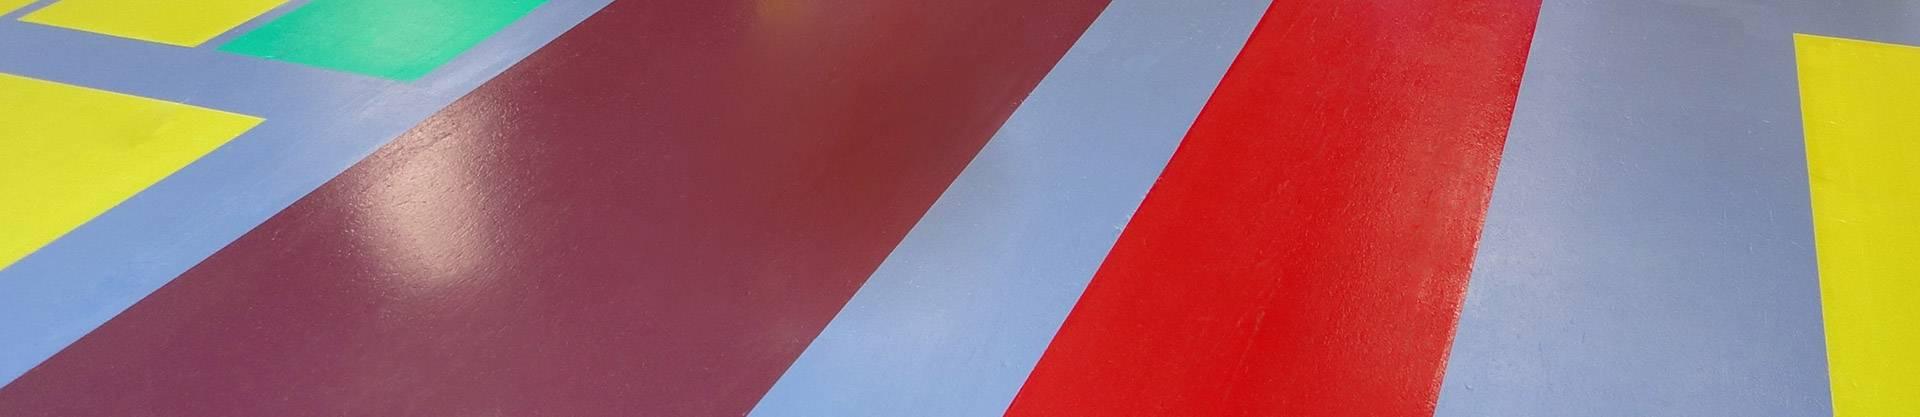 Купить в самаре краску на полы по бетону купить бетон в с посаде